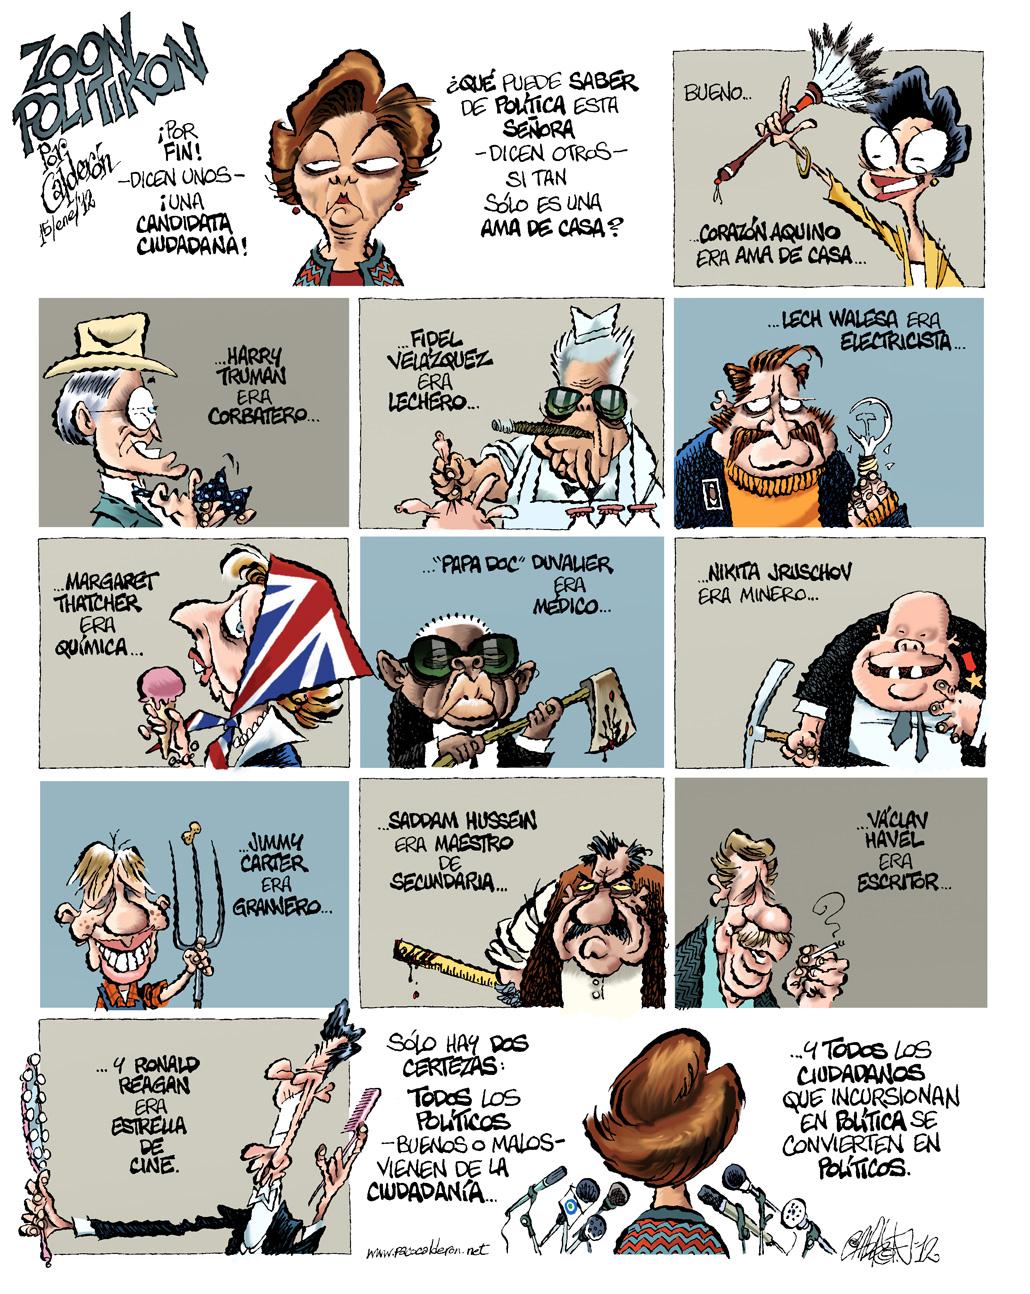 Zoon Politikon - Calderón